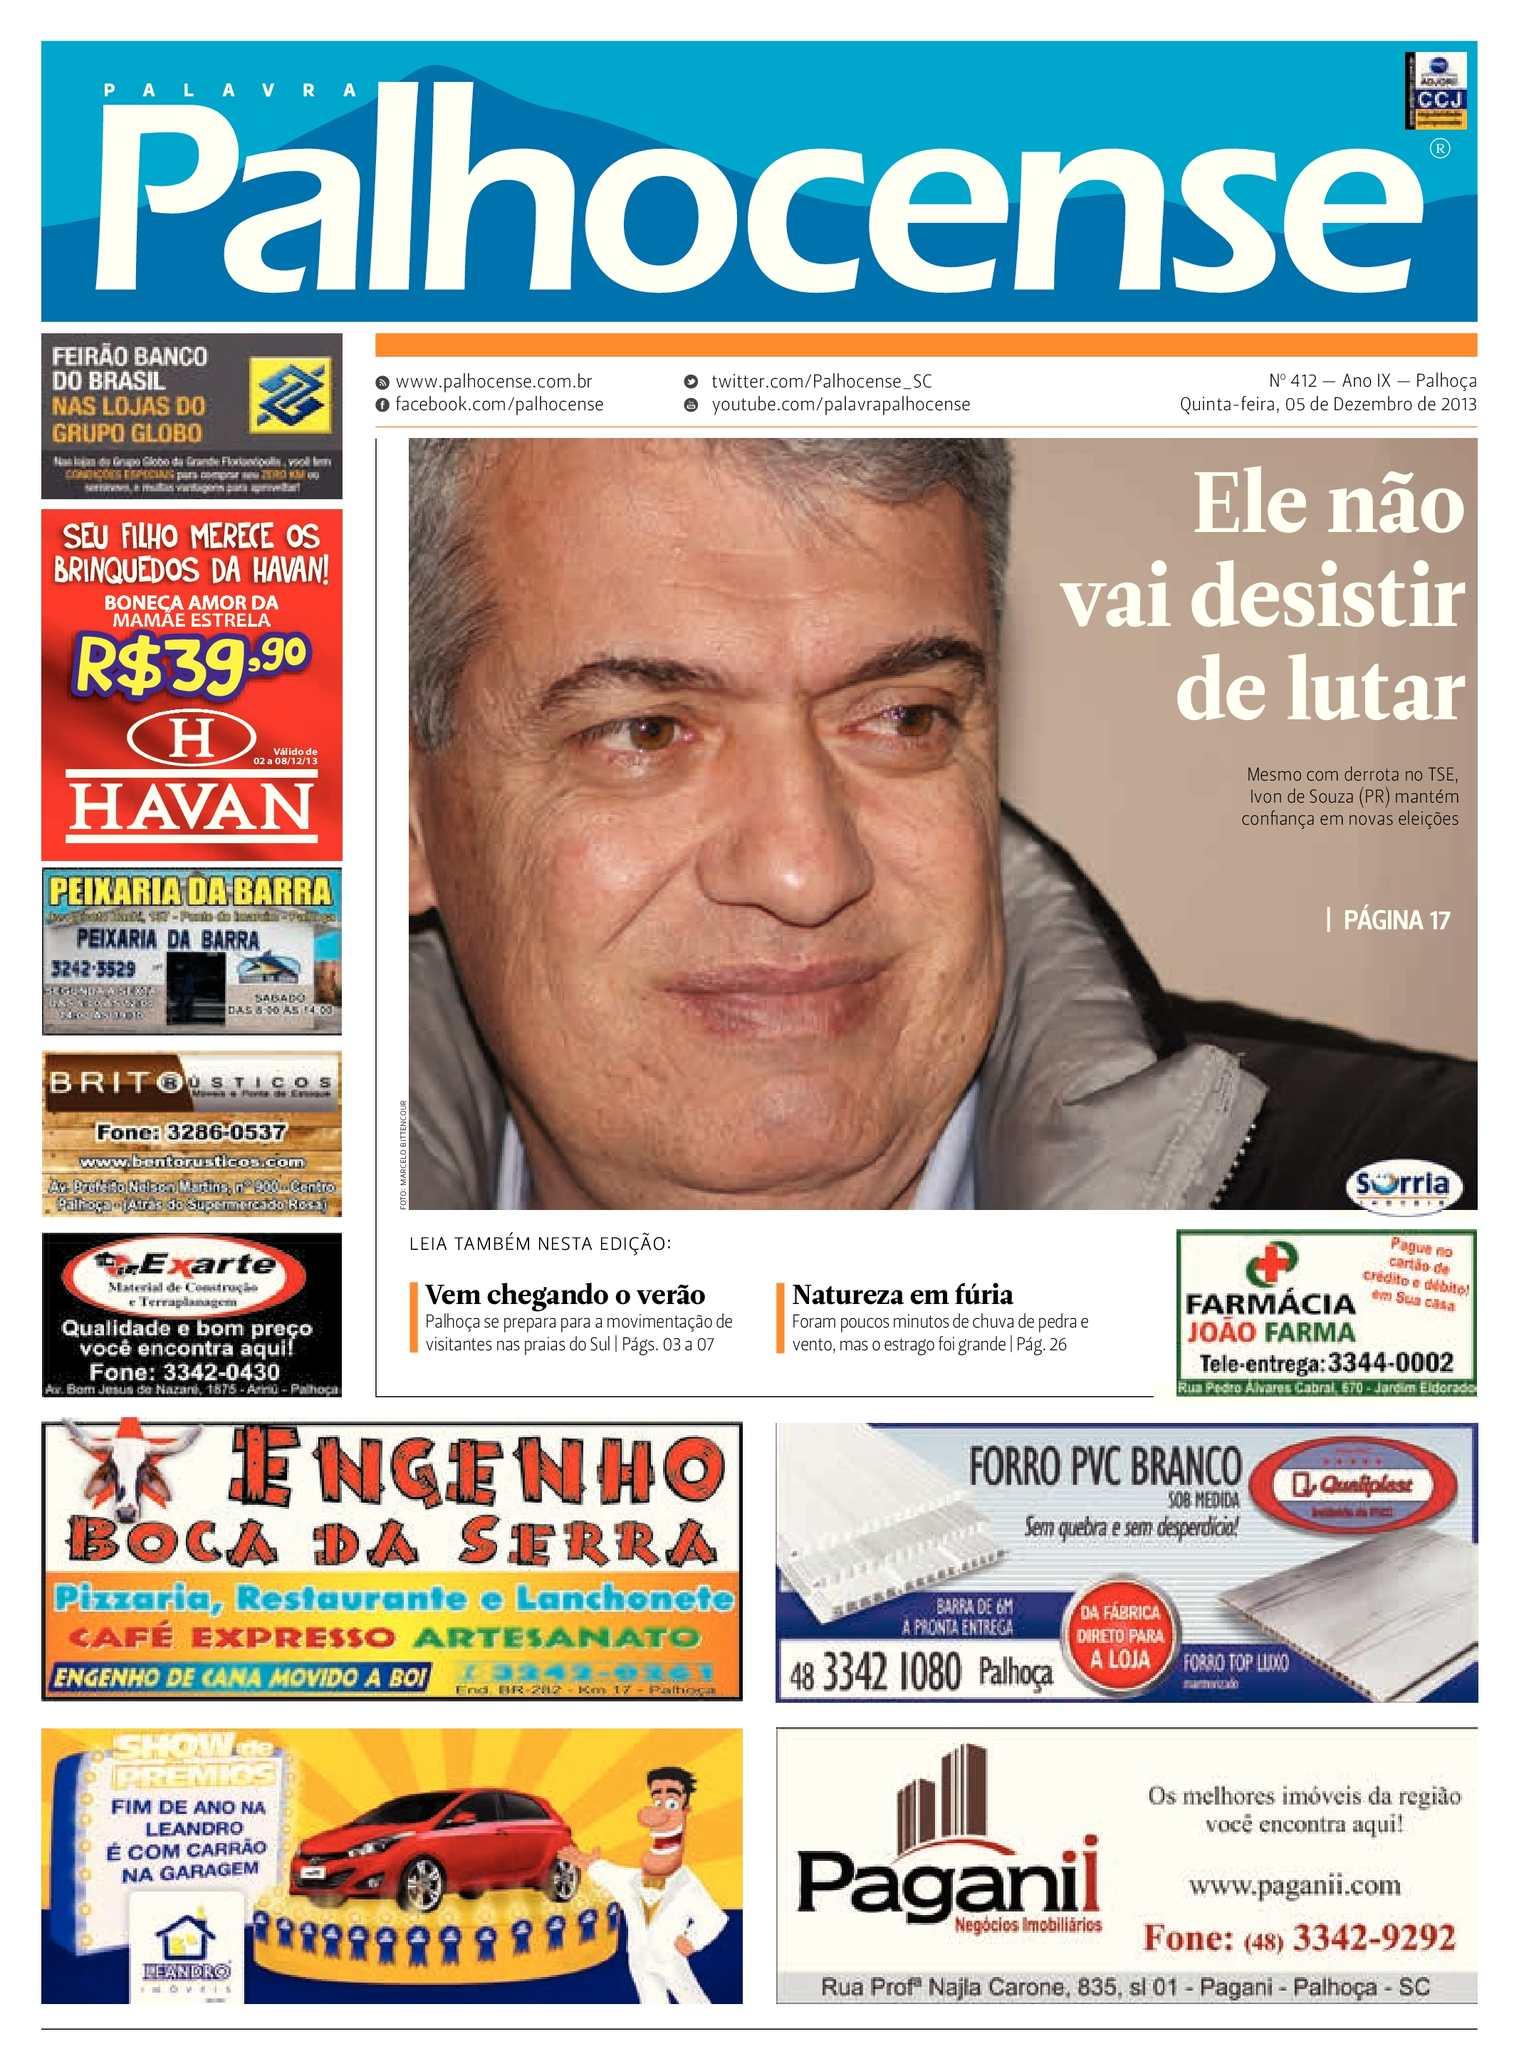 cc0cd1a8a Calaméo - Jornal Palavra Palhocense - Edição 412